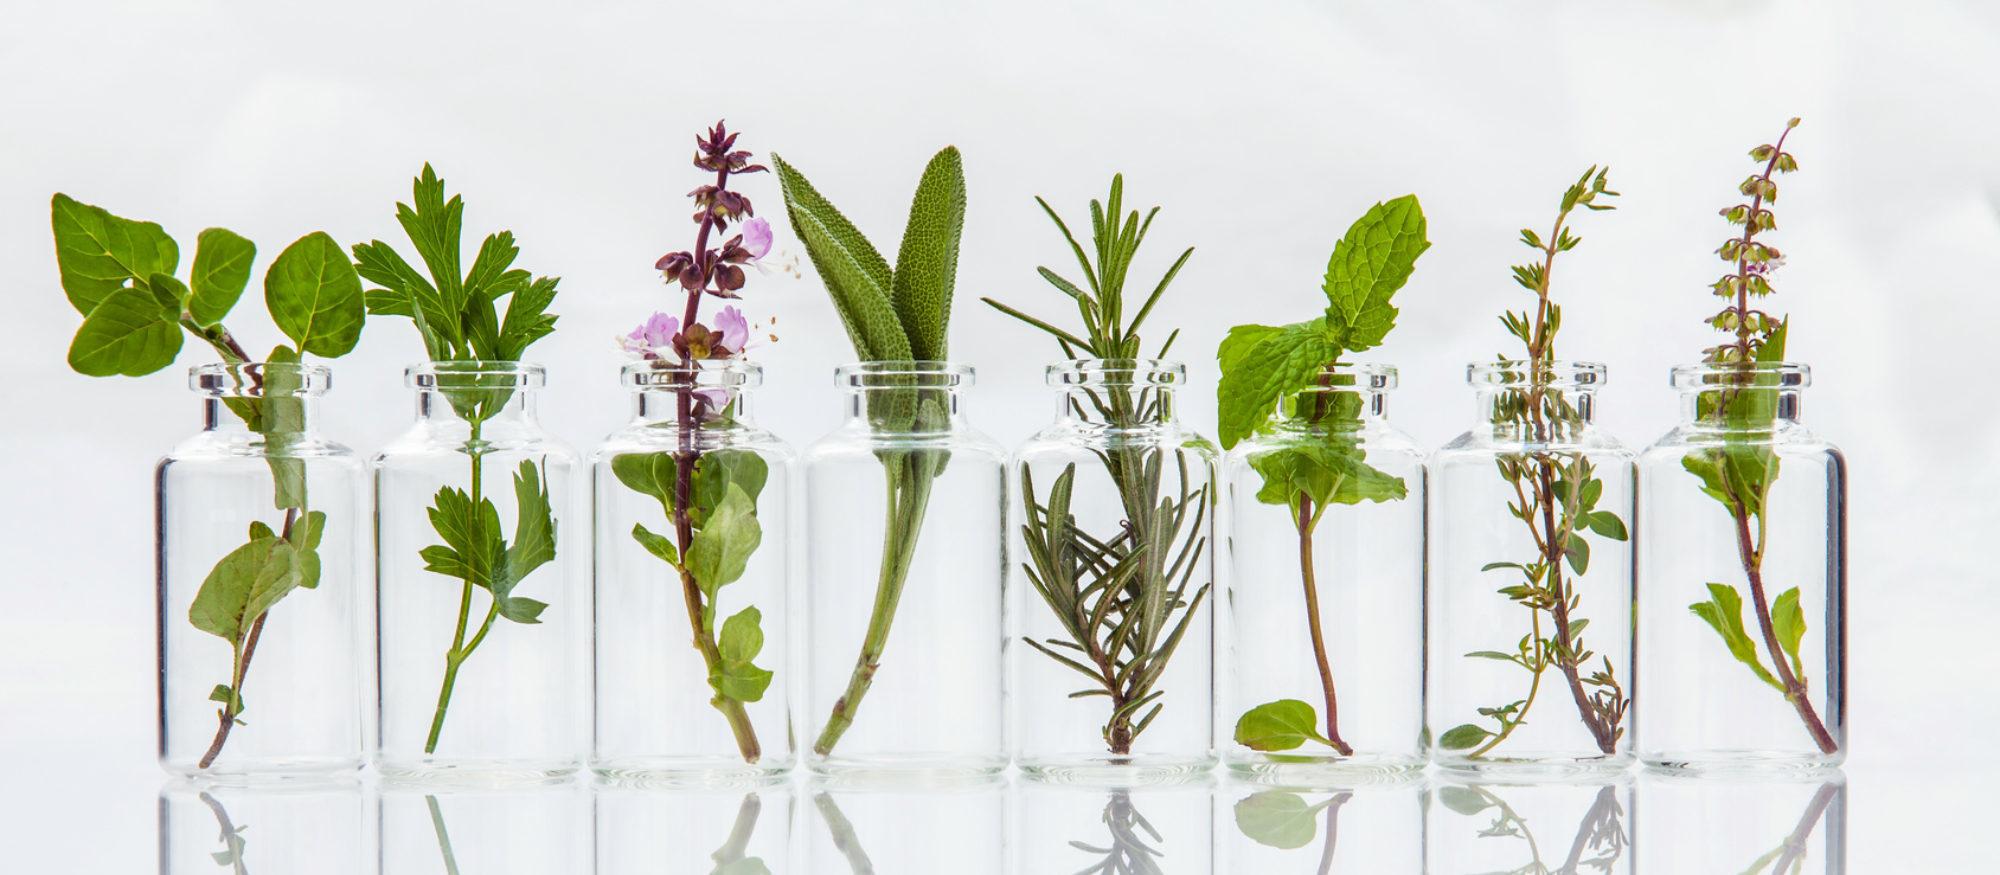 Phytotherapie in Gläsern